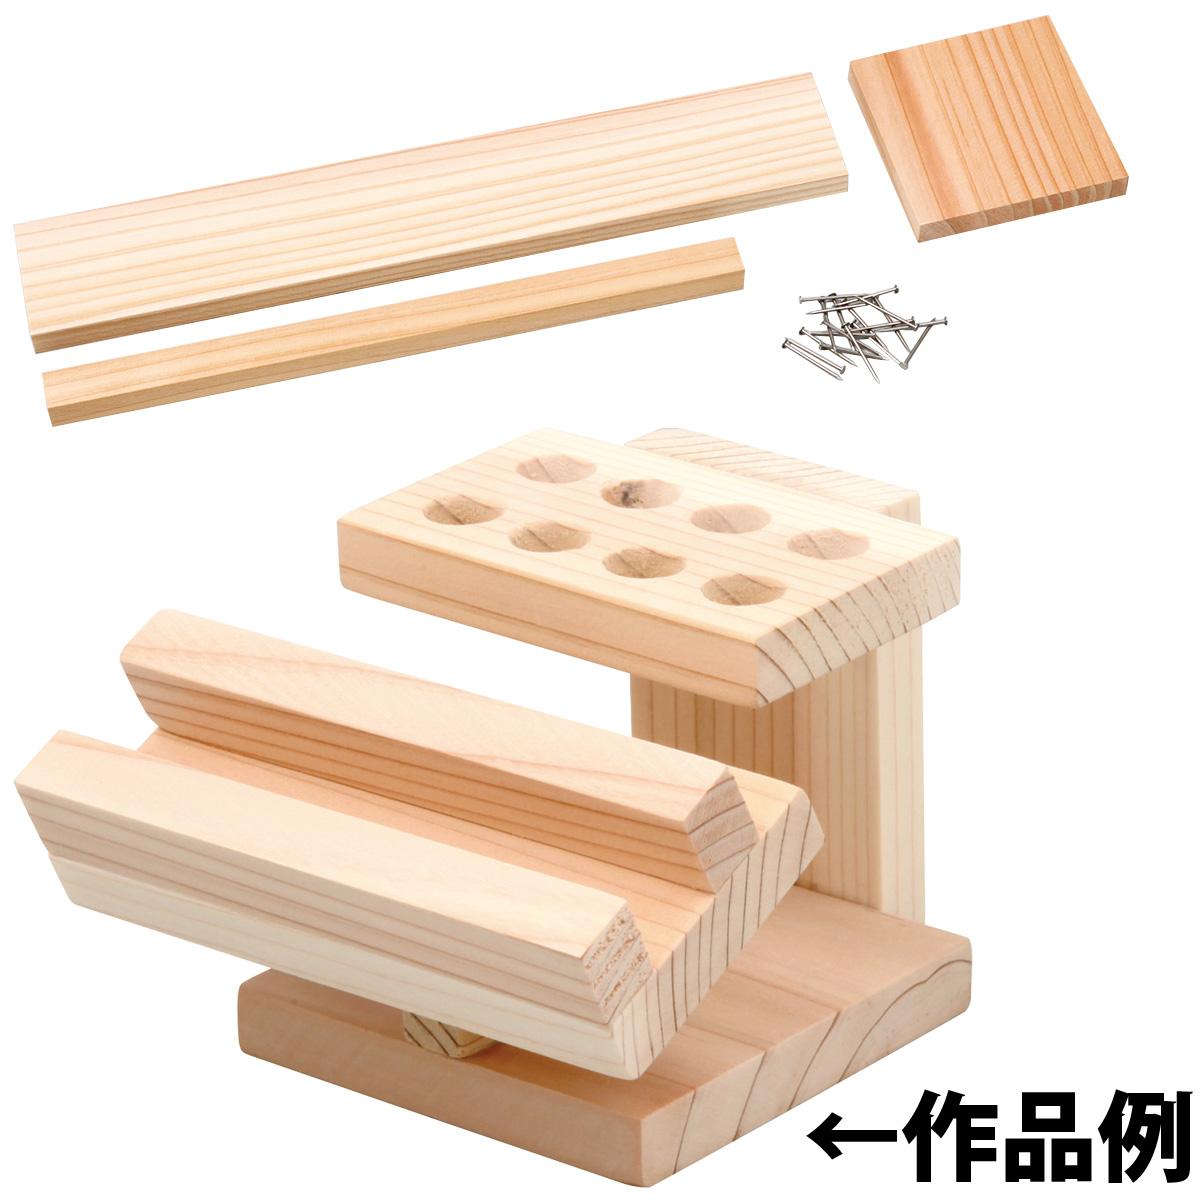 木工トライアルキット 050998 アーテック 図工 美術 日曜大工 学校教材 DIY 手作り